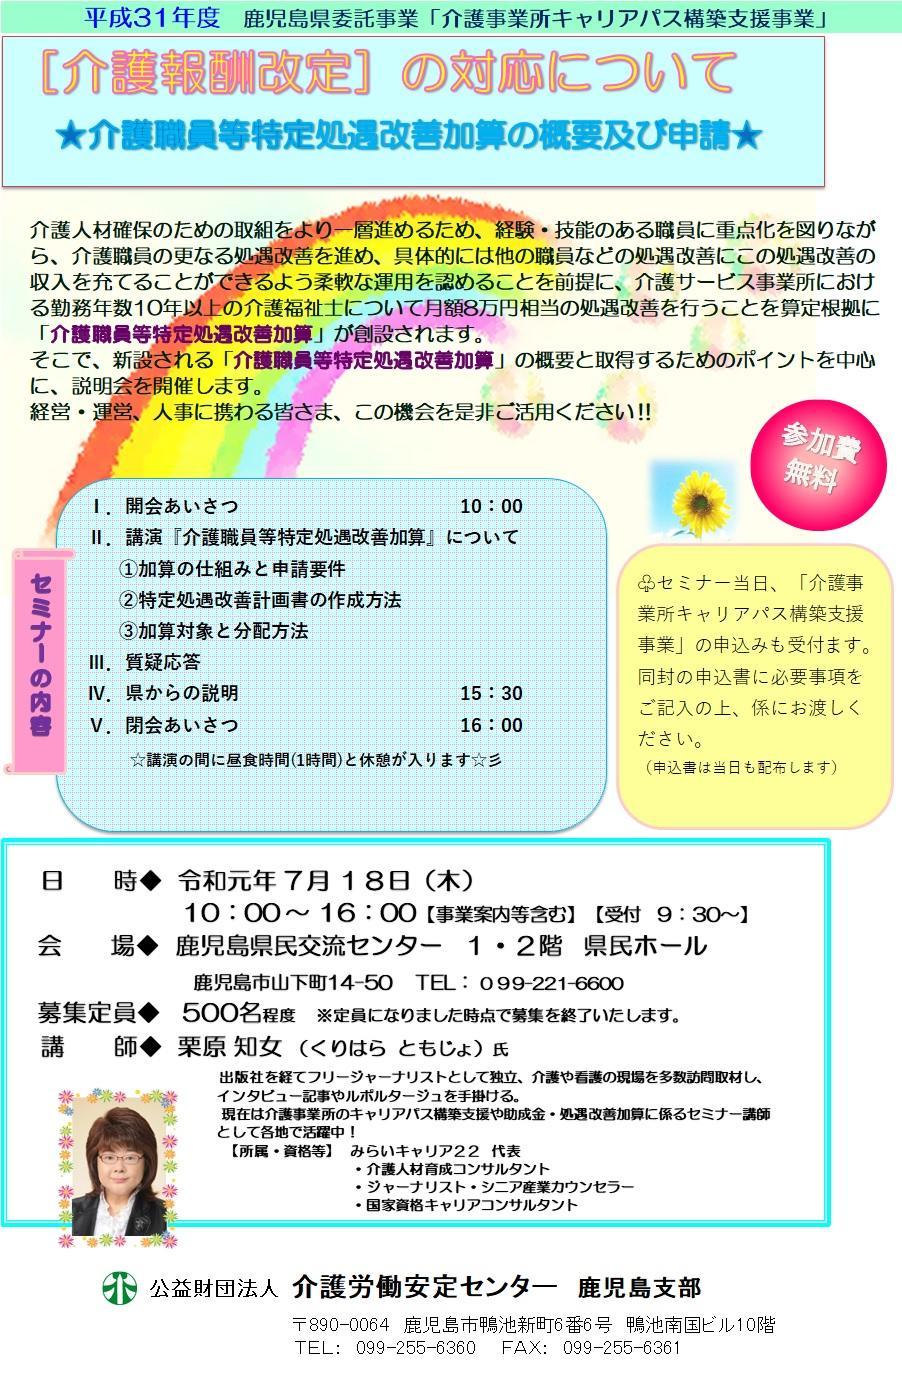 20190718鹿児島全体説明会.jpg